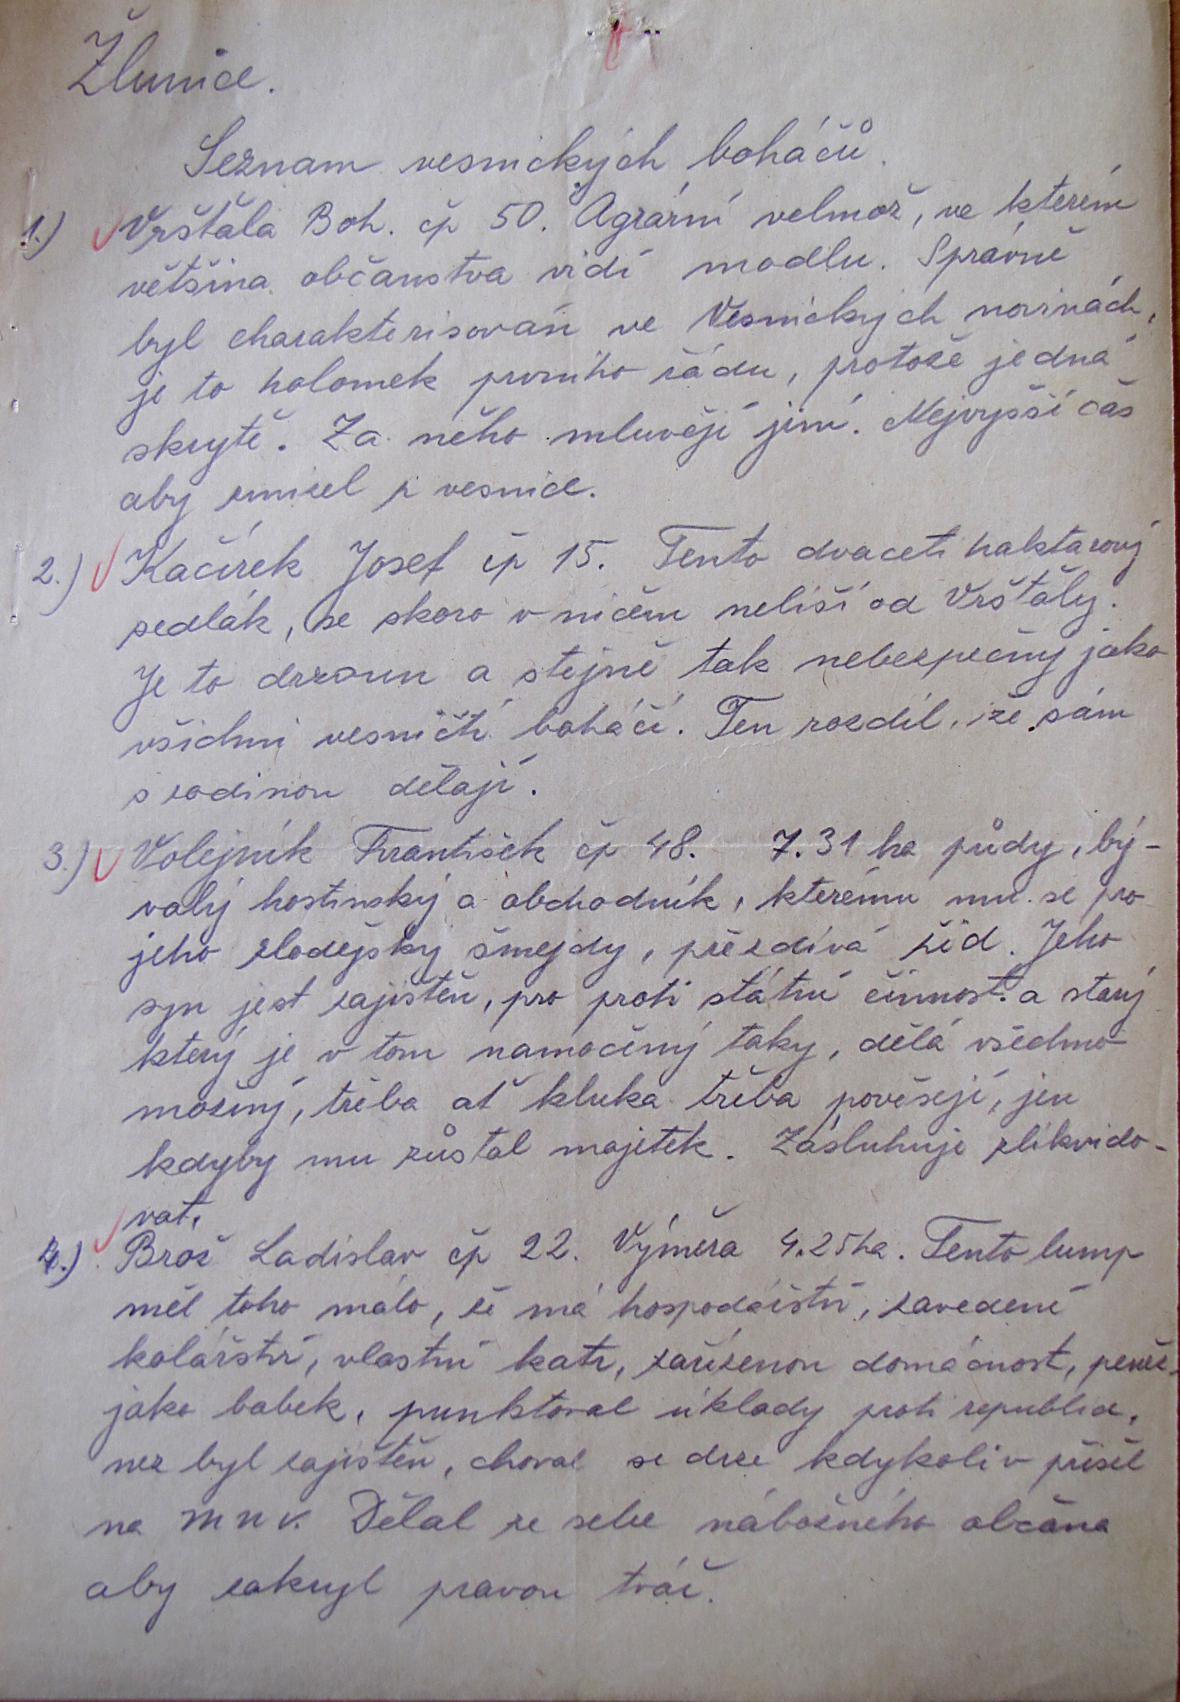 """Seznam """"vesnických boháčů"""" ve Žlunicích vypracovaný tajemníkem Ferdou"""